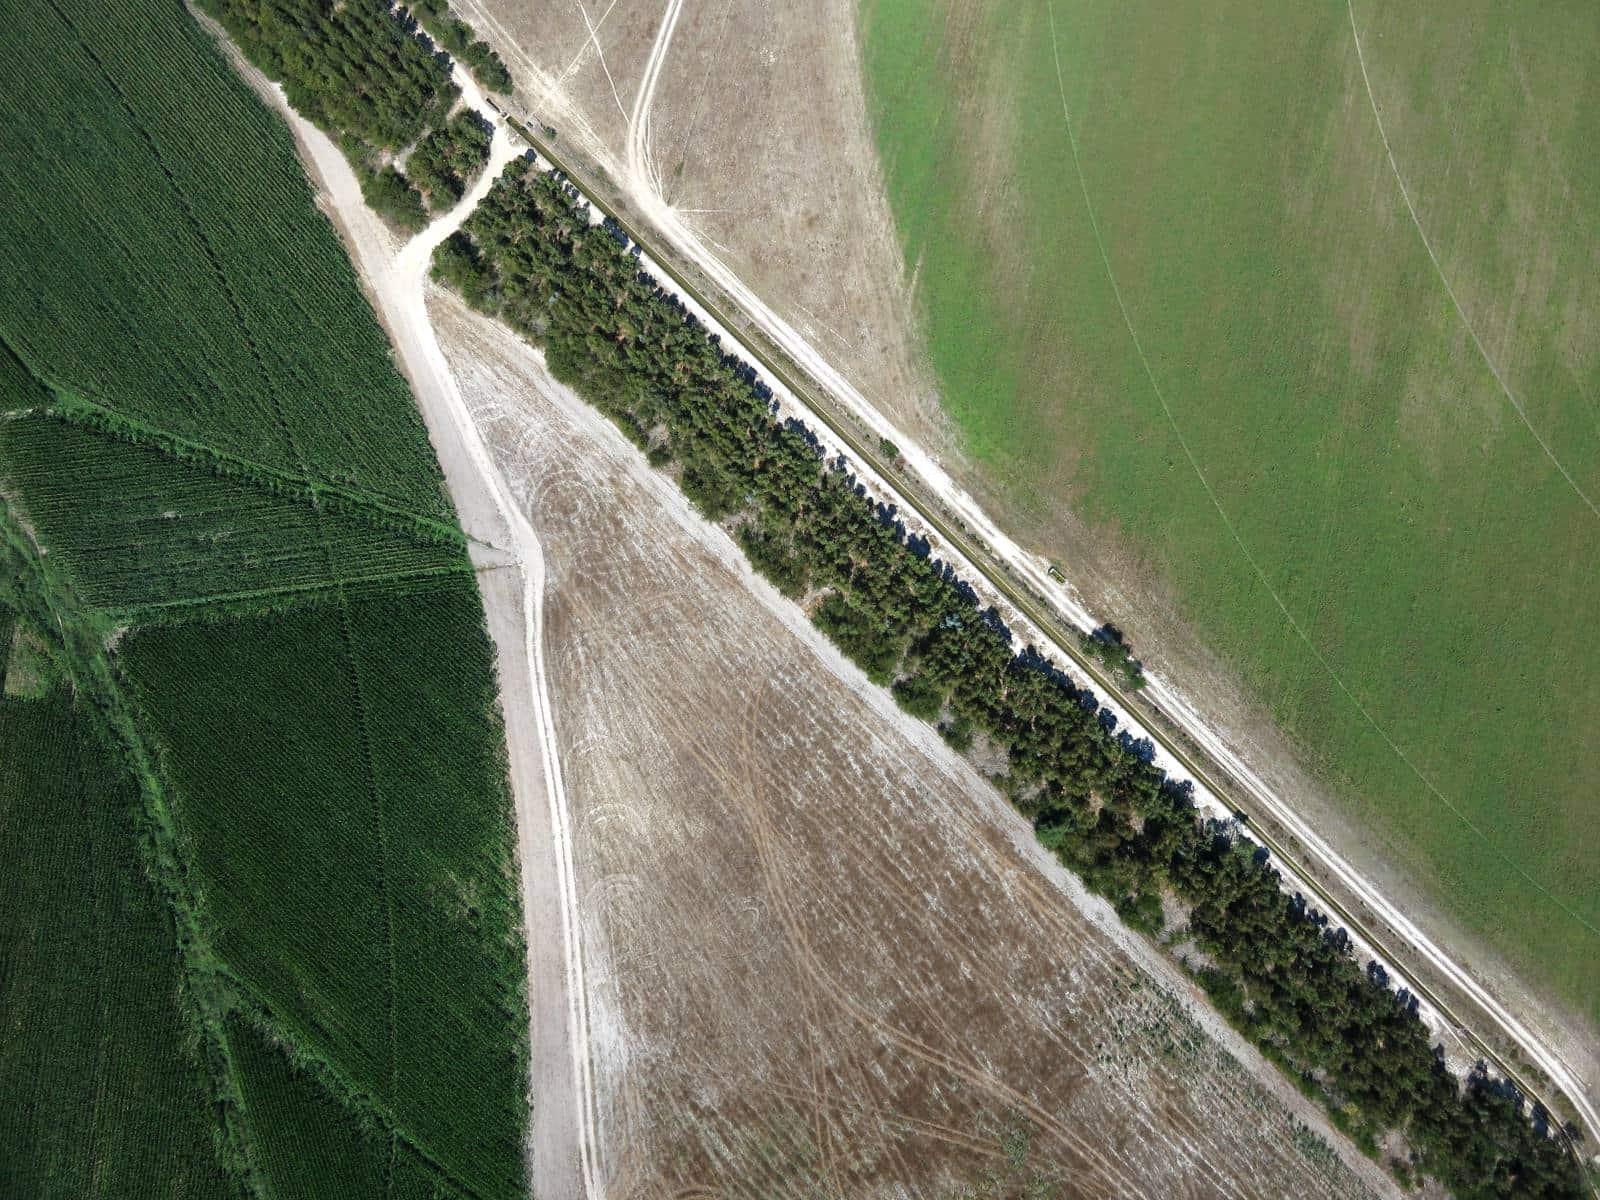 Mapeamento aéreo para apoio à gestão agrícola